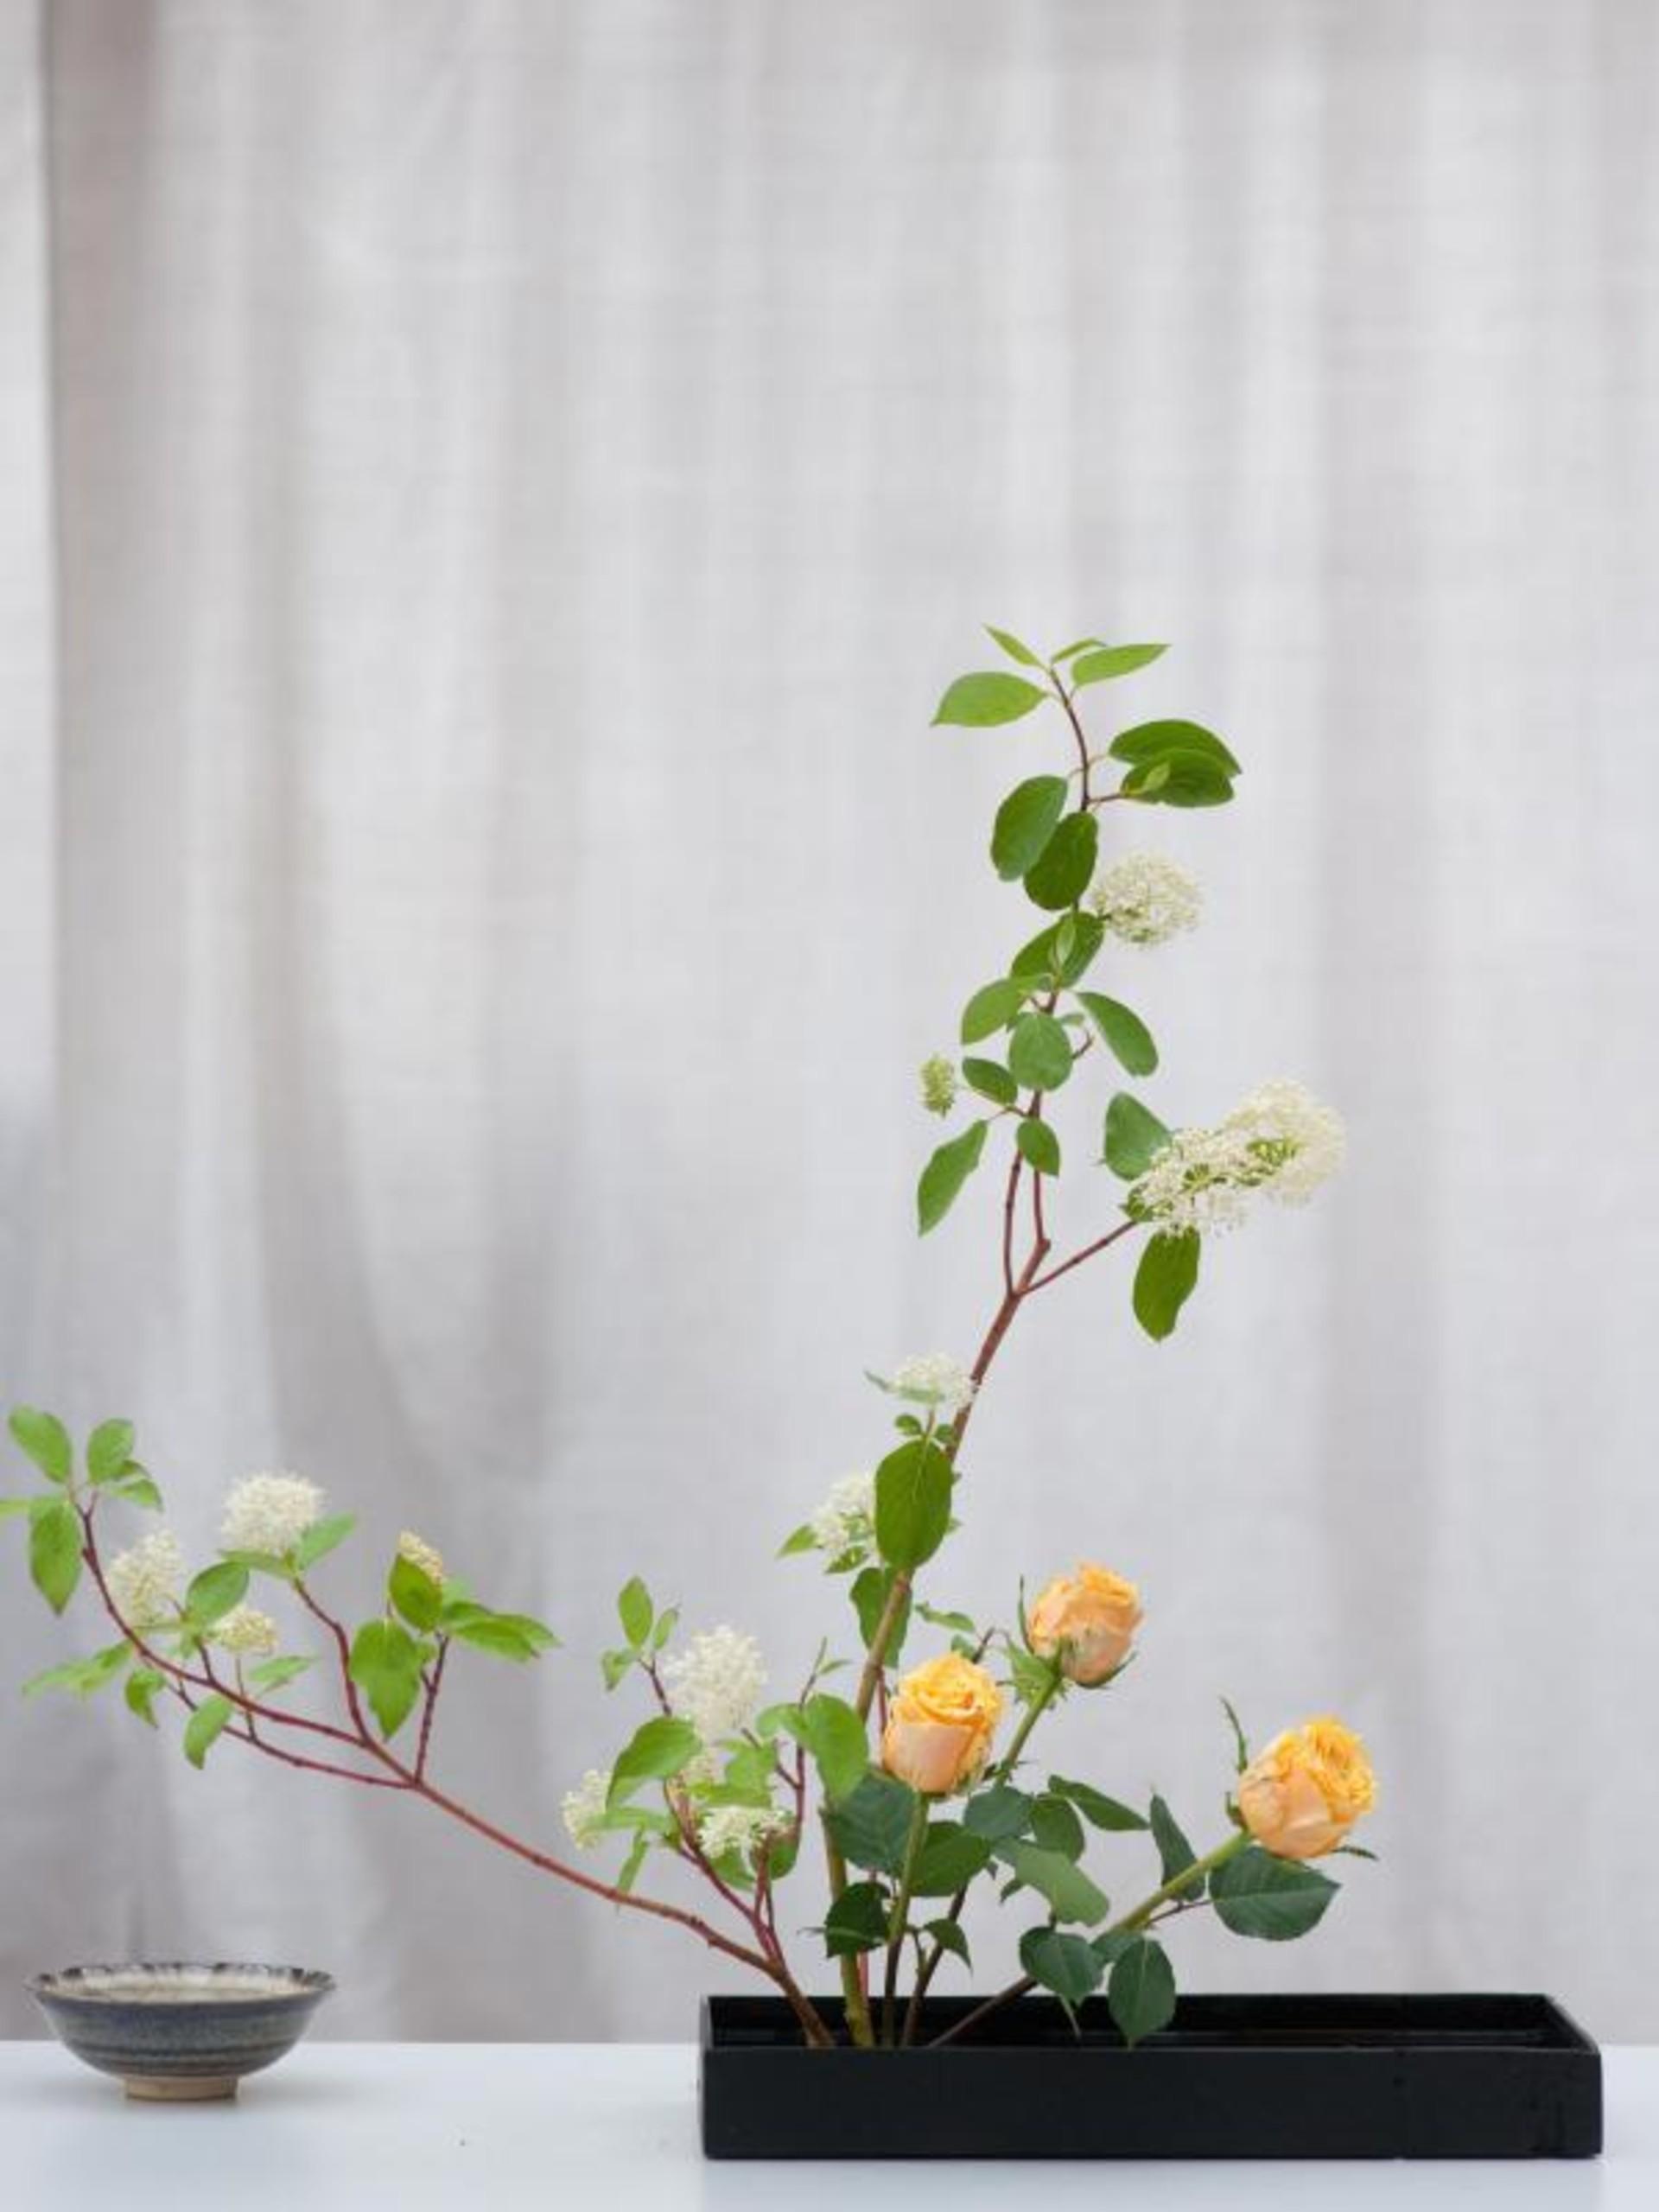 Res: 1920x2560, Freizeit - Die Kunst des Ikebana - Ideen der japanischen Floristik – HAZ –  Hannoversche Allgemeine